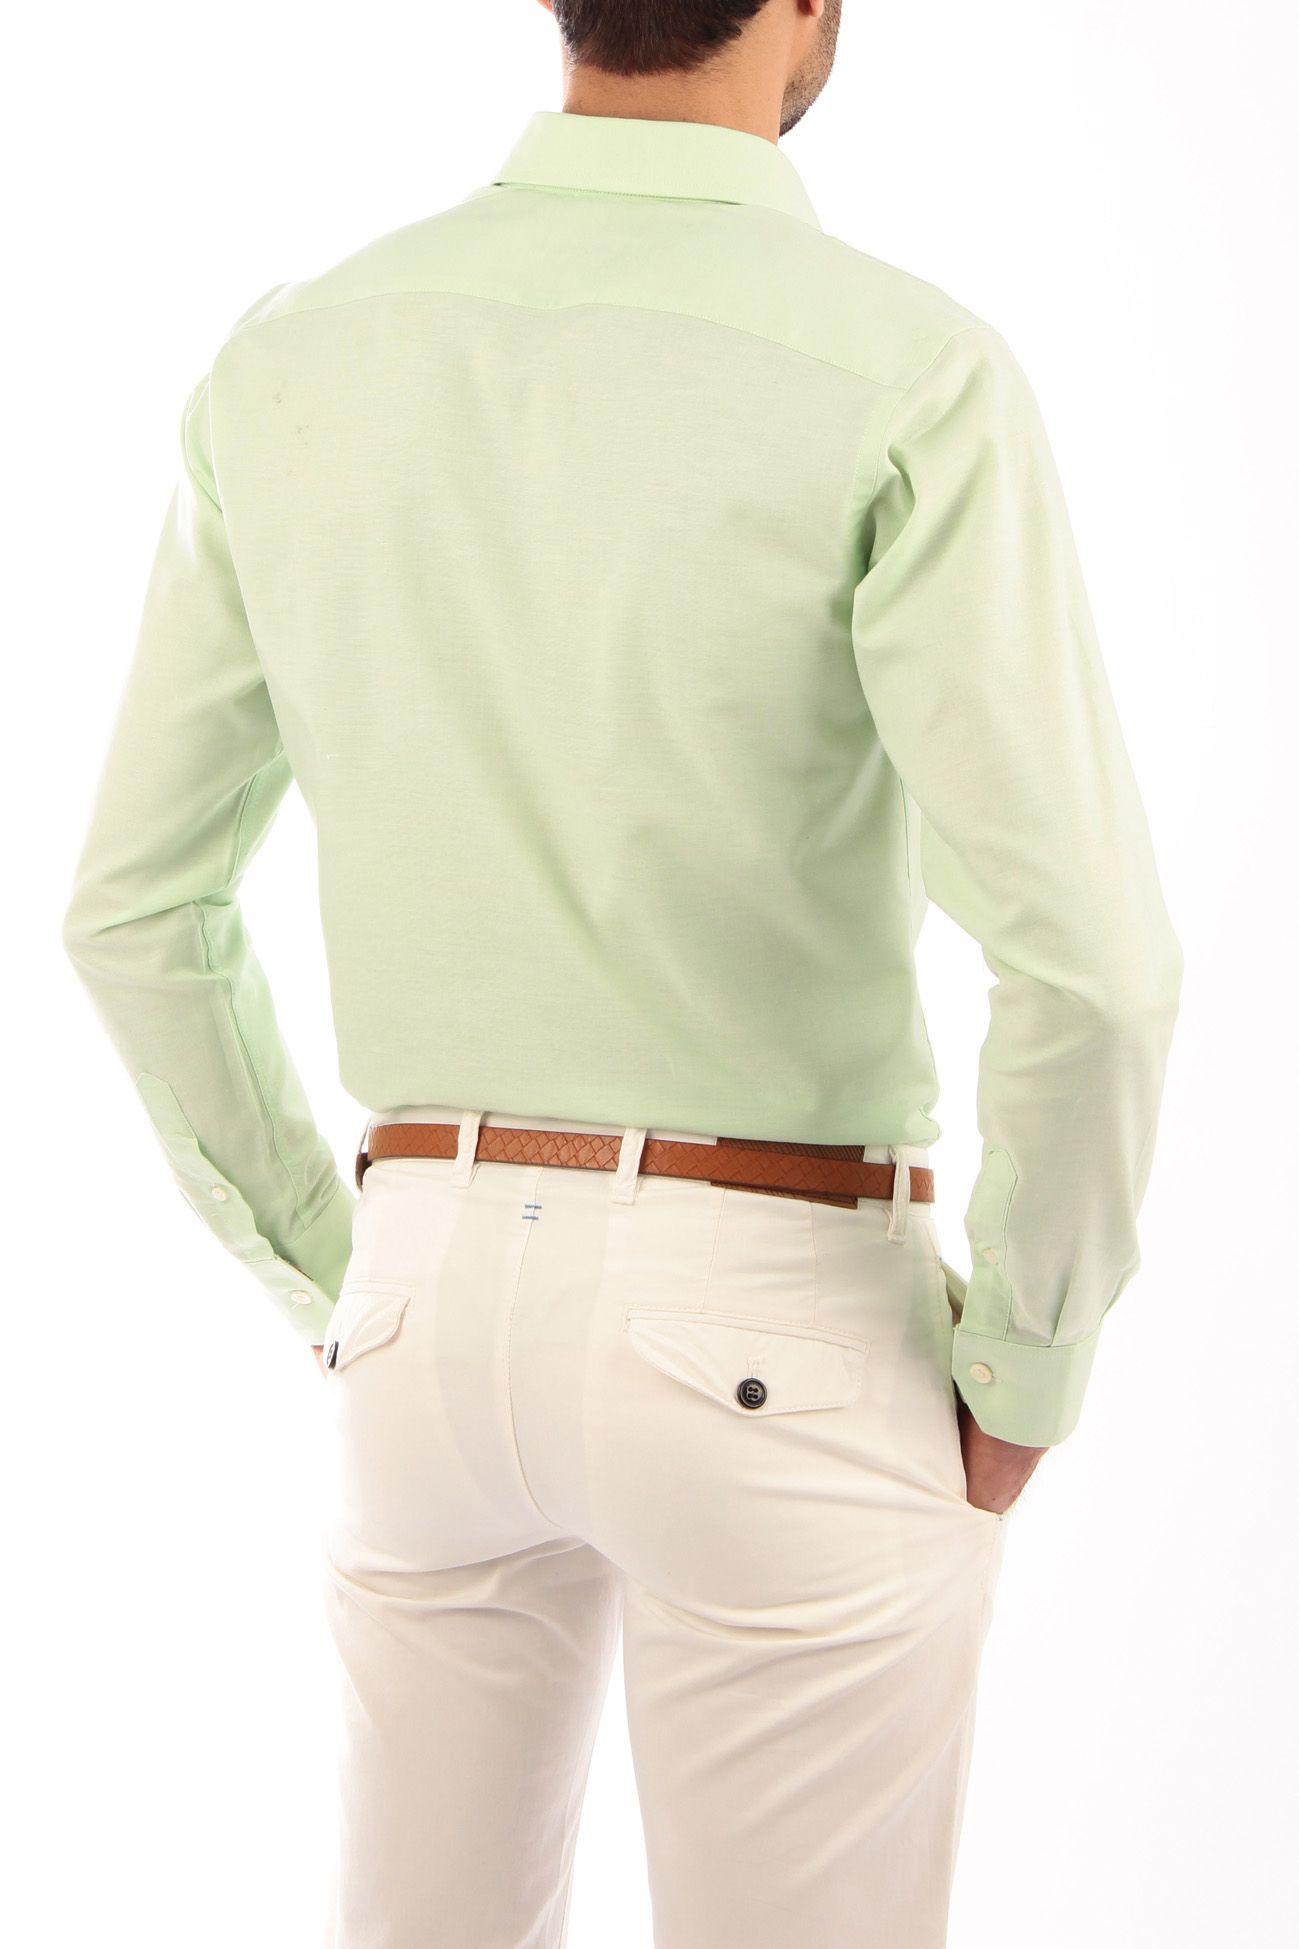 d2db988fc0 Camisa Oxford color manzana con cinta escocesa gris y verde. Producto  artesanal. Detalles de